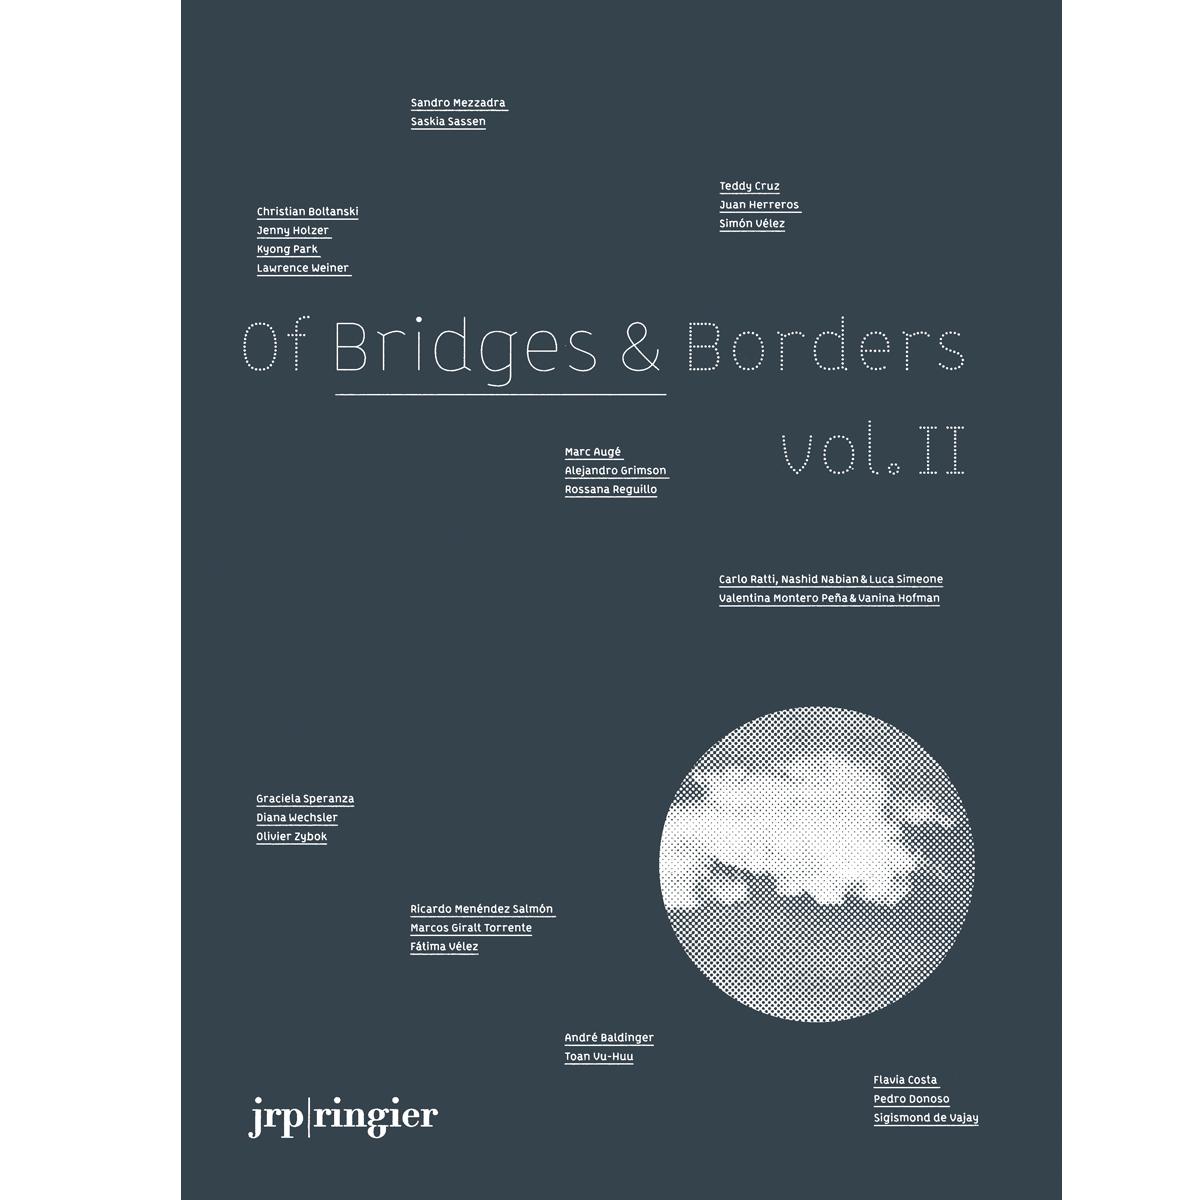 Of Bridges & Borders, vol. II